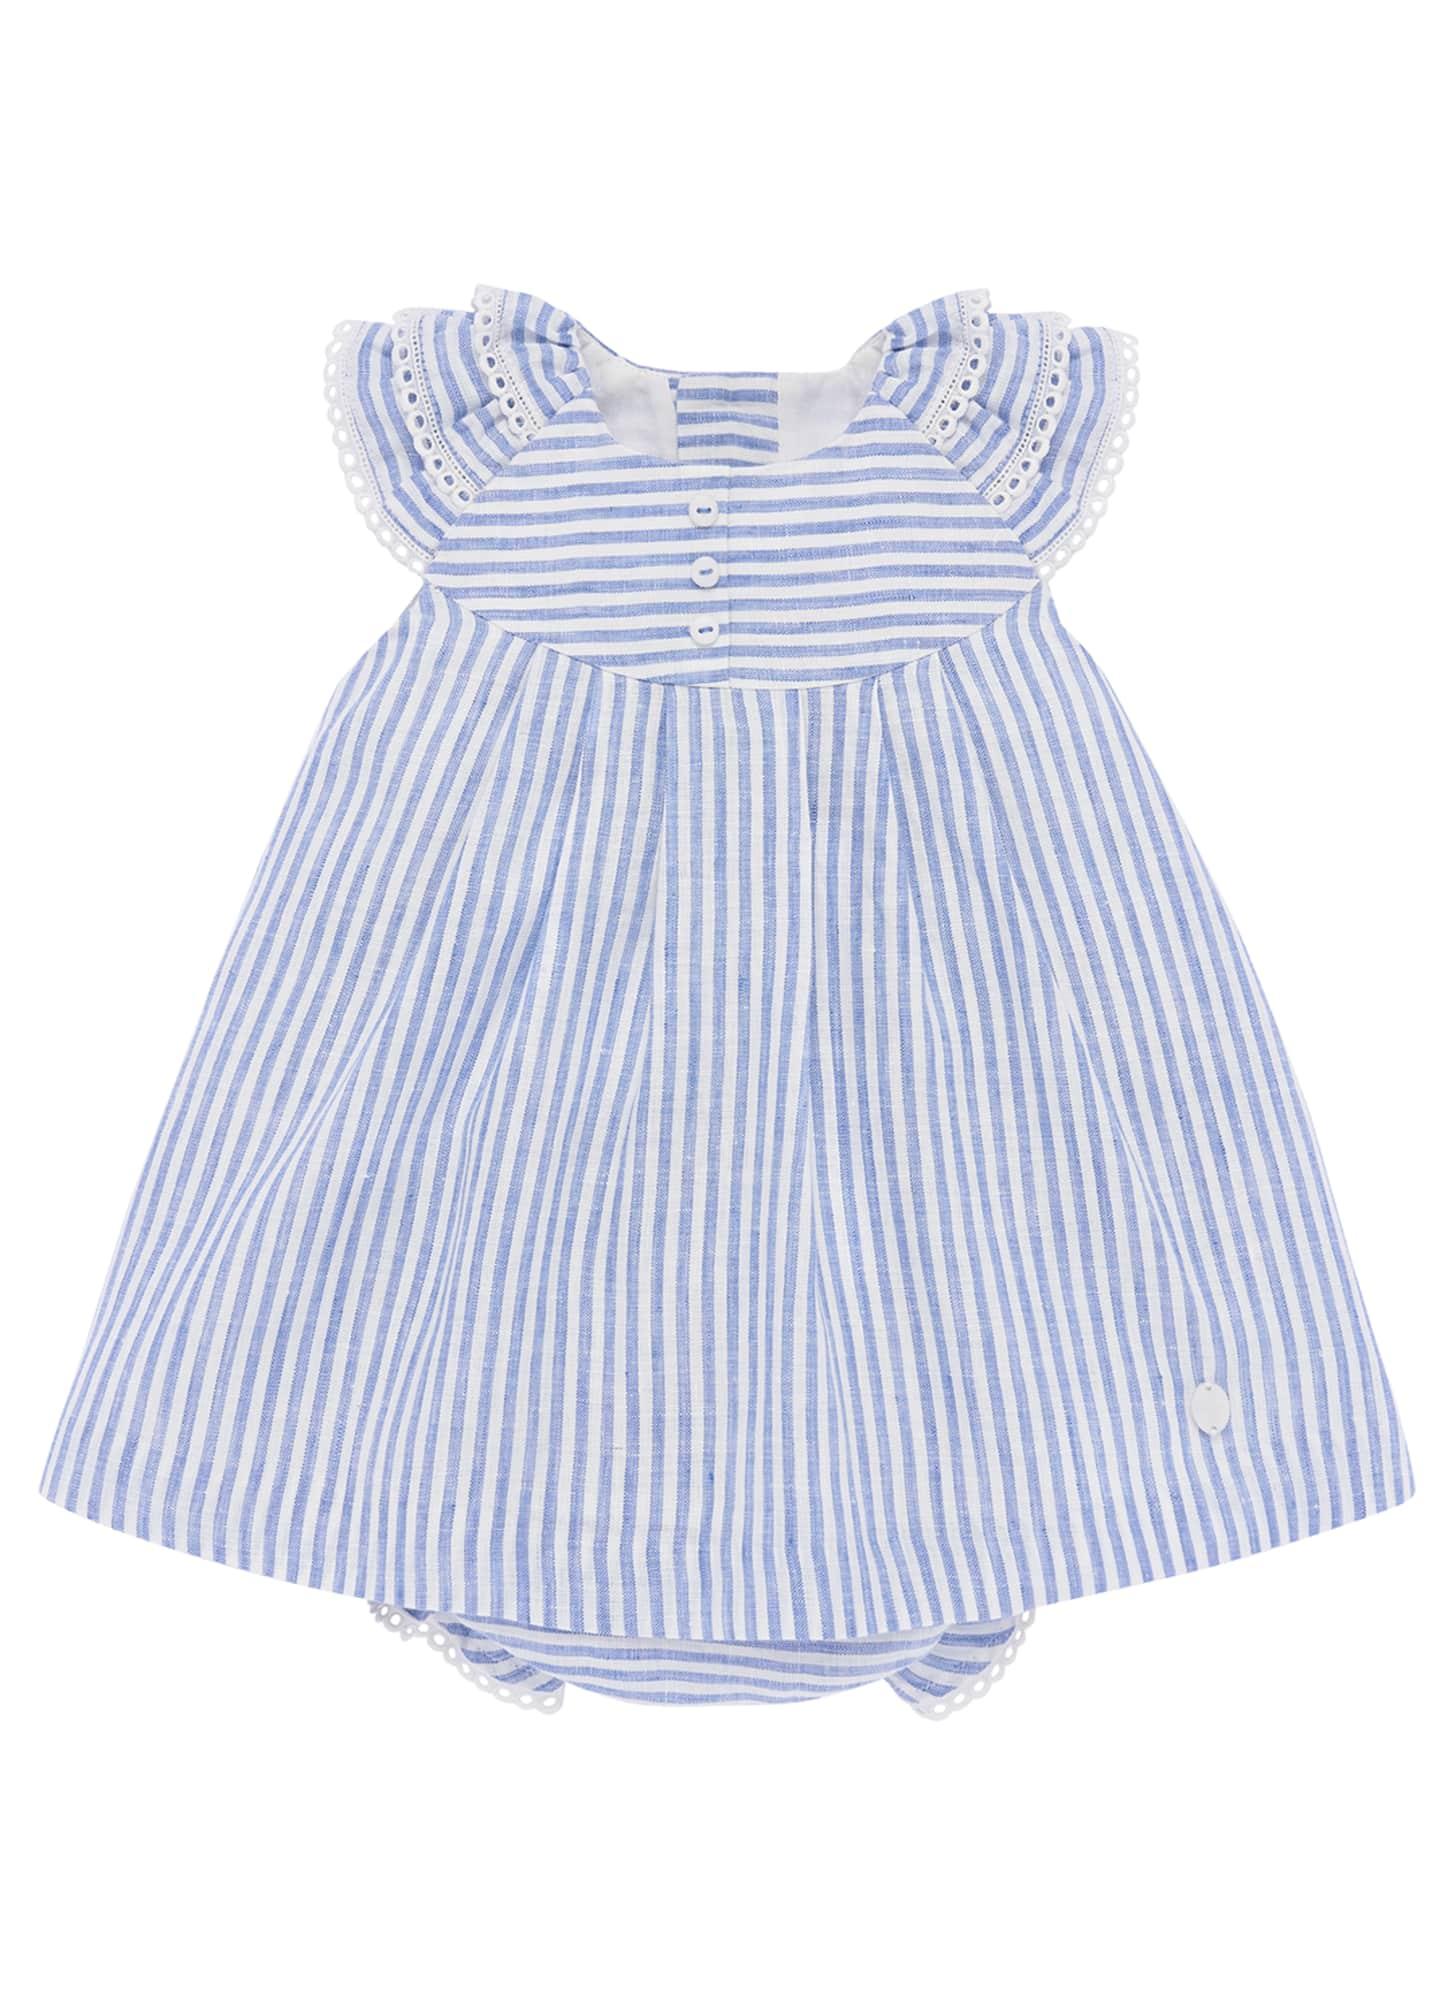 Pili Carrera Ticking Striped Dress w/ Matching Bloomers,